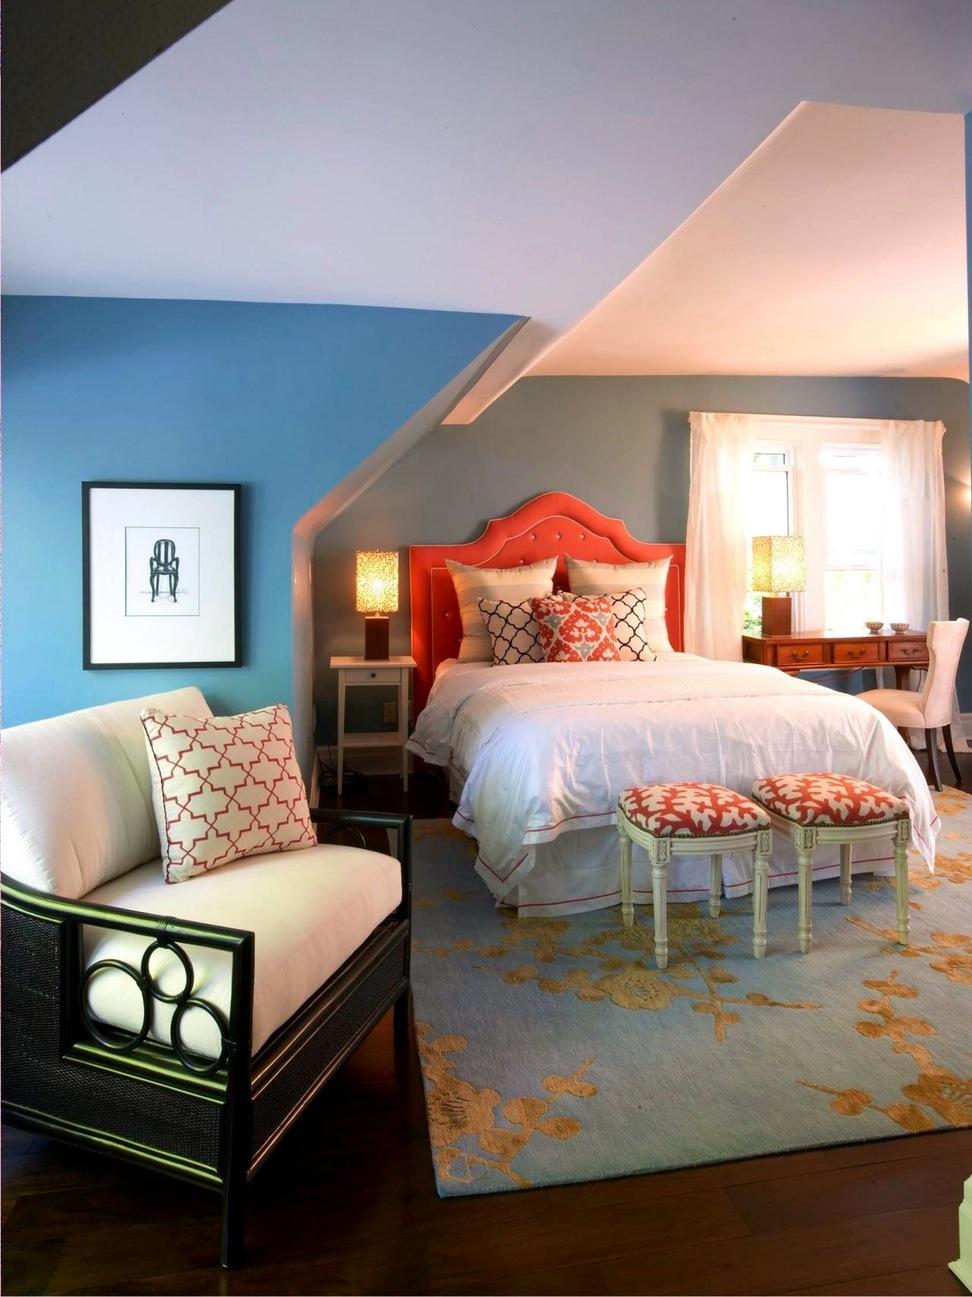 Цветная кровать в интерьере